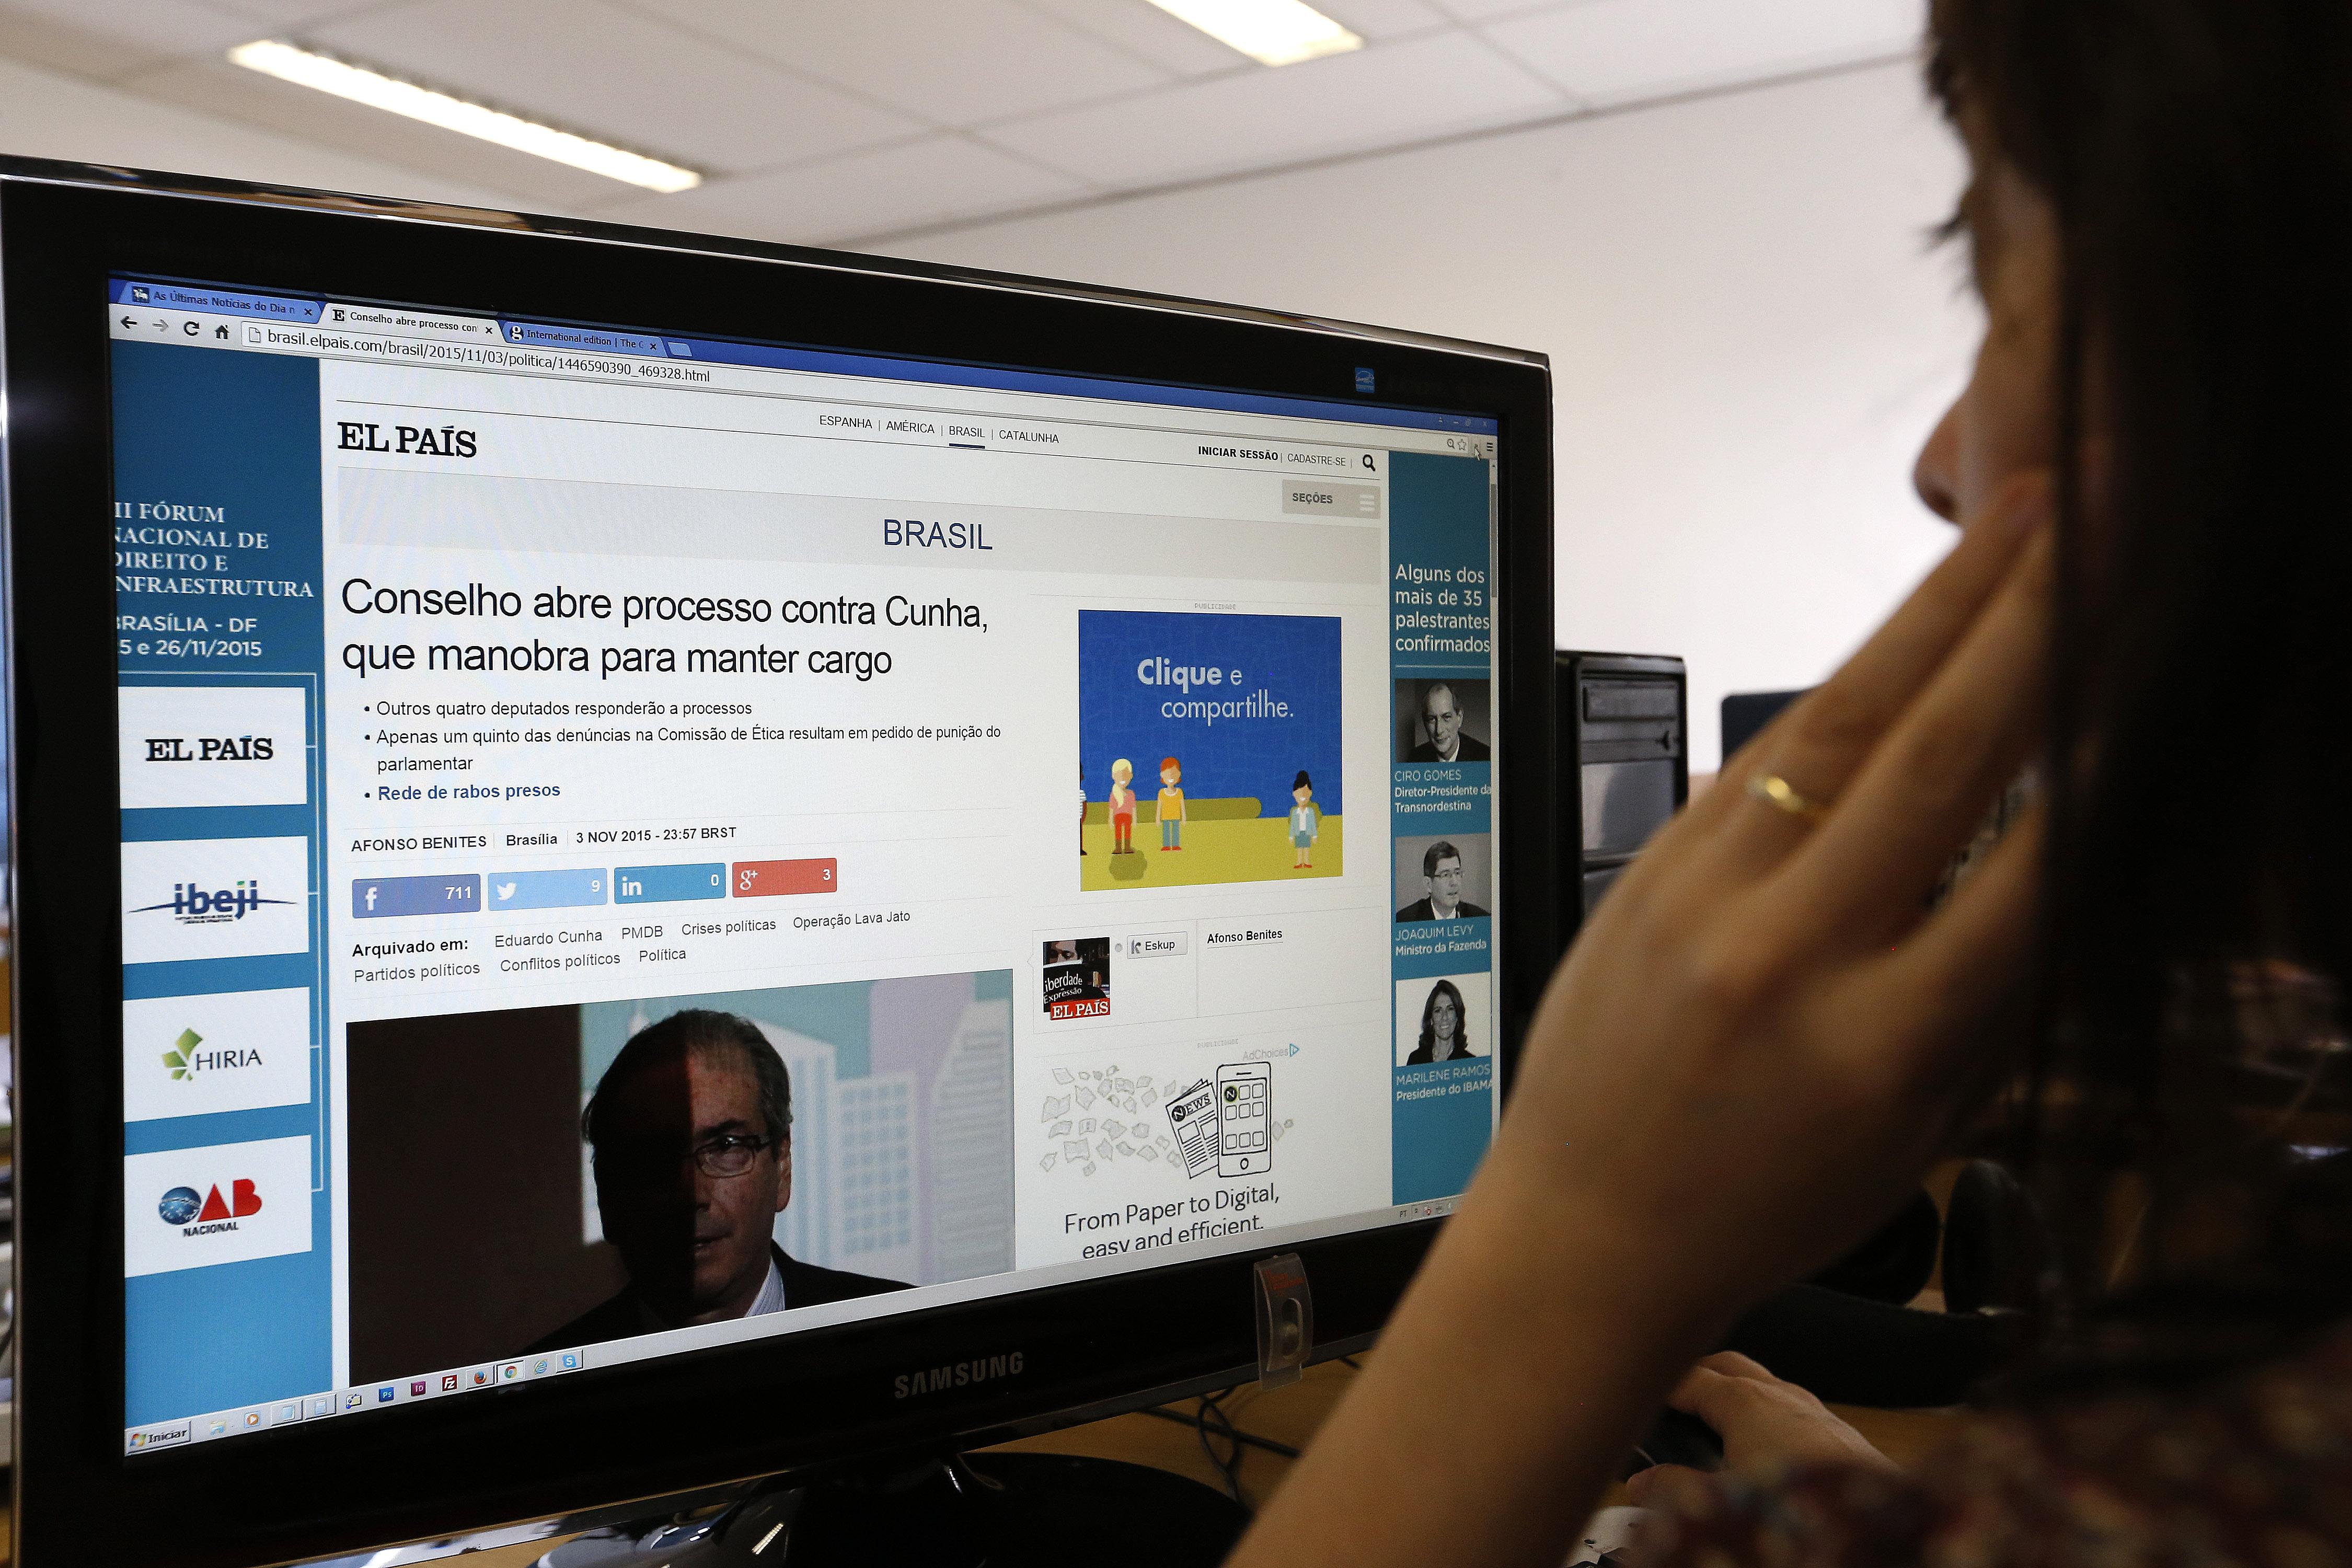 Usuário lendo noticias no computador.